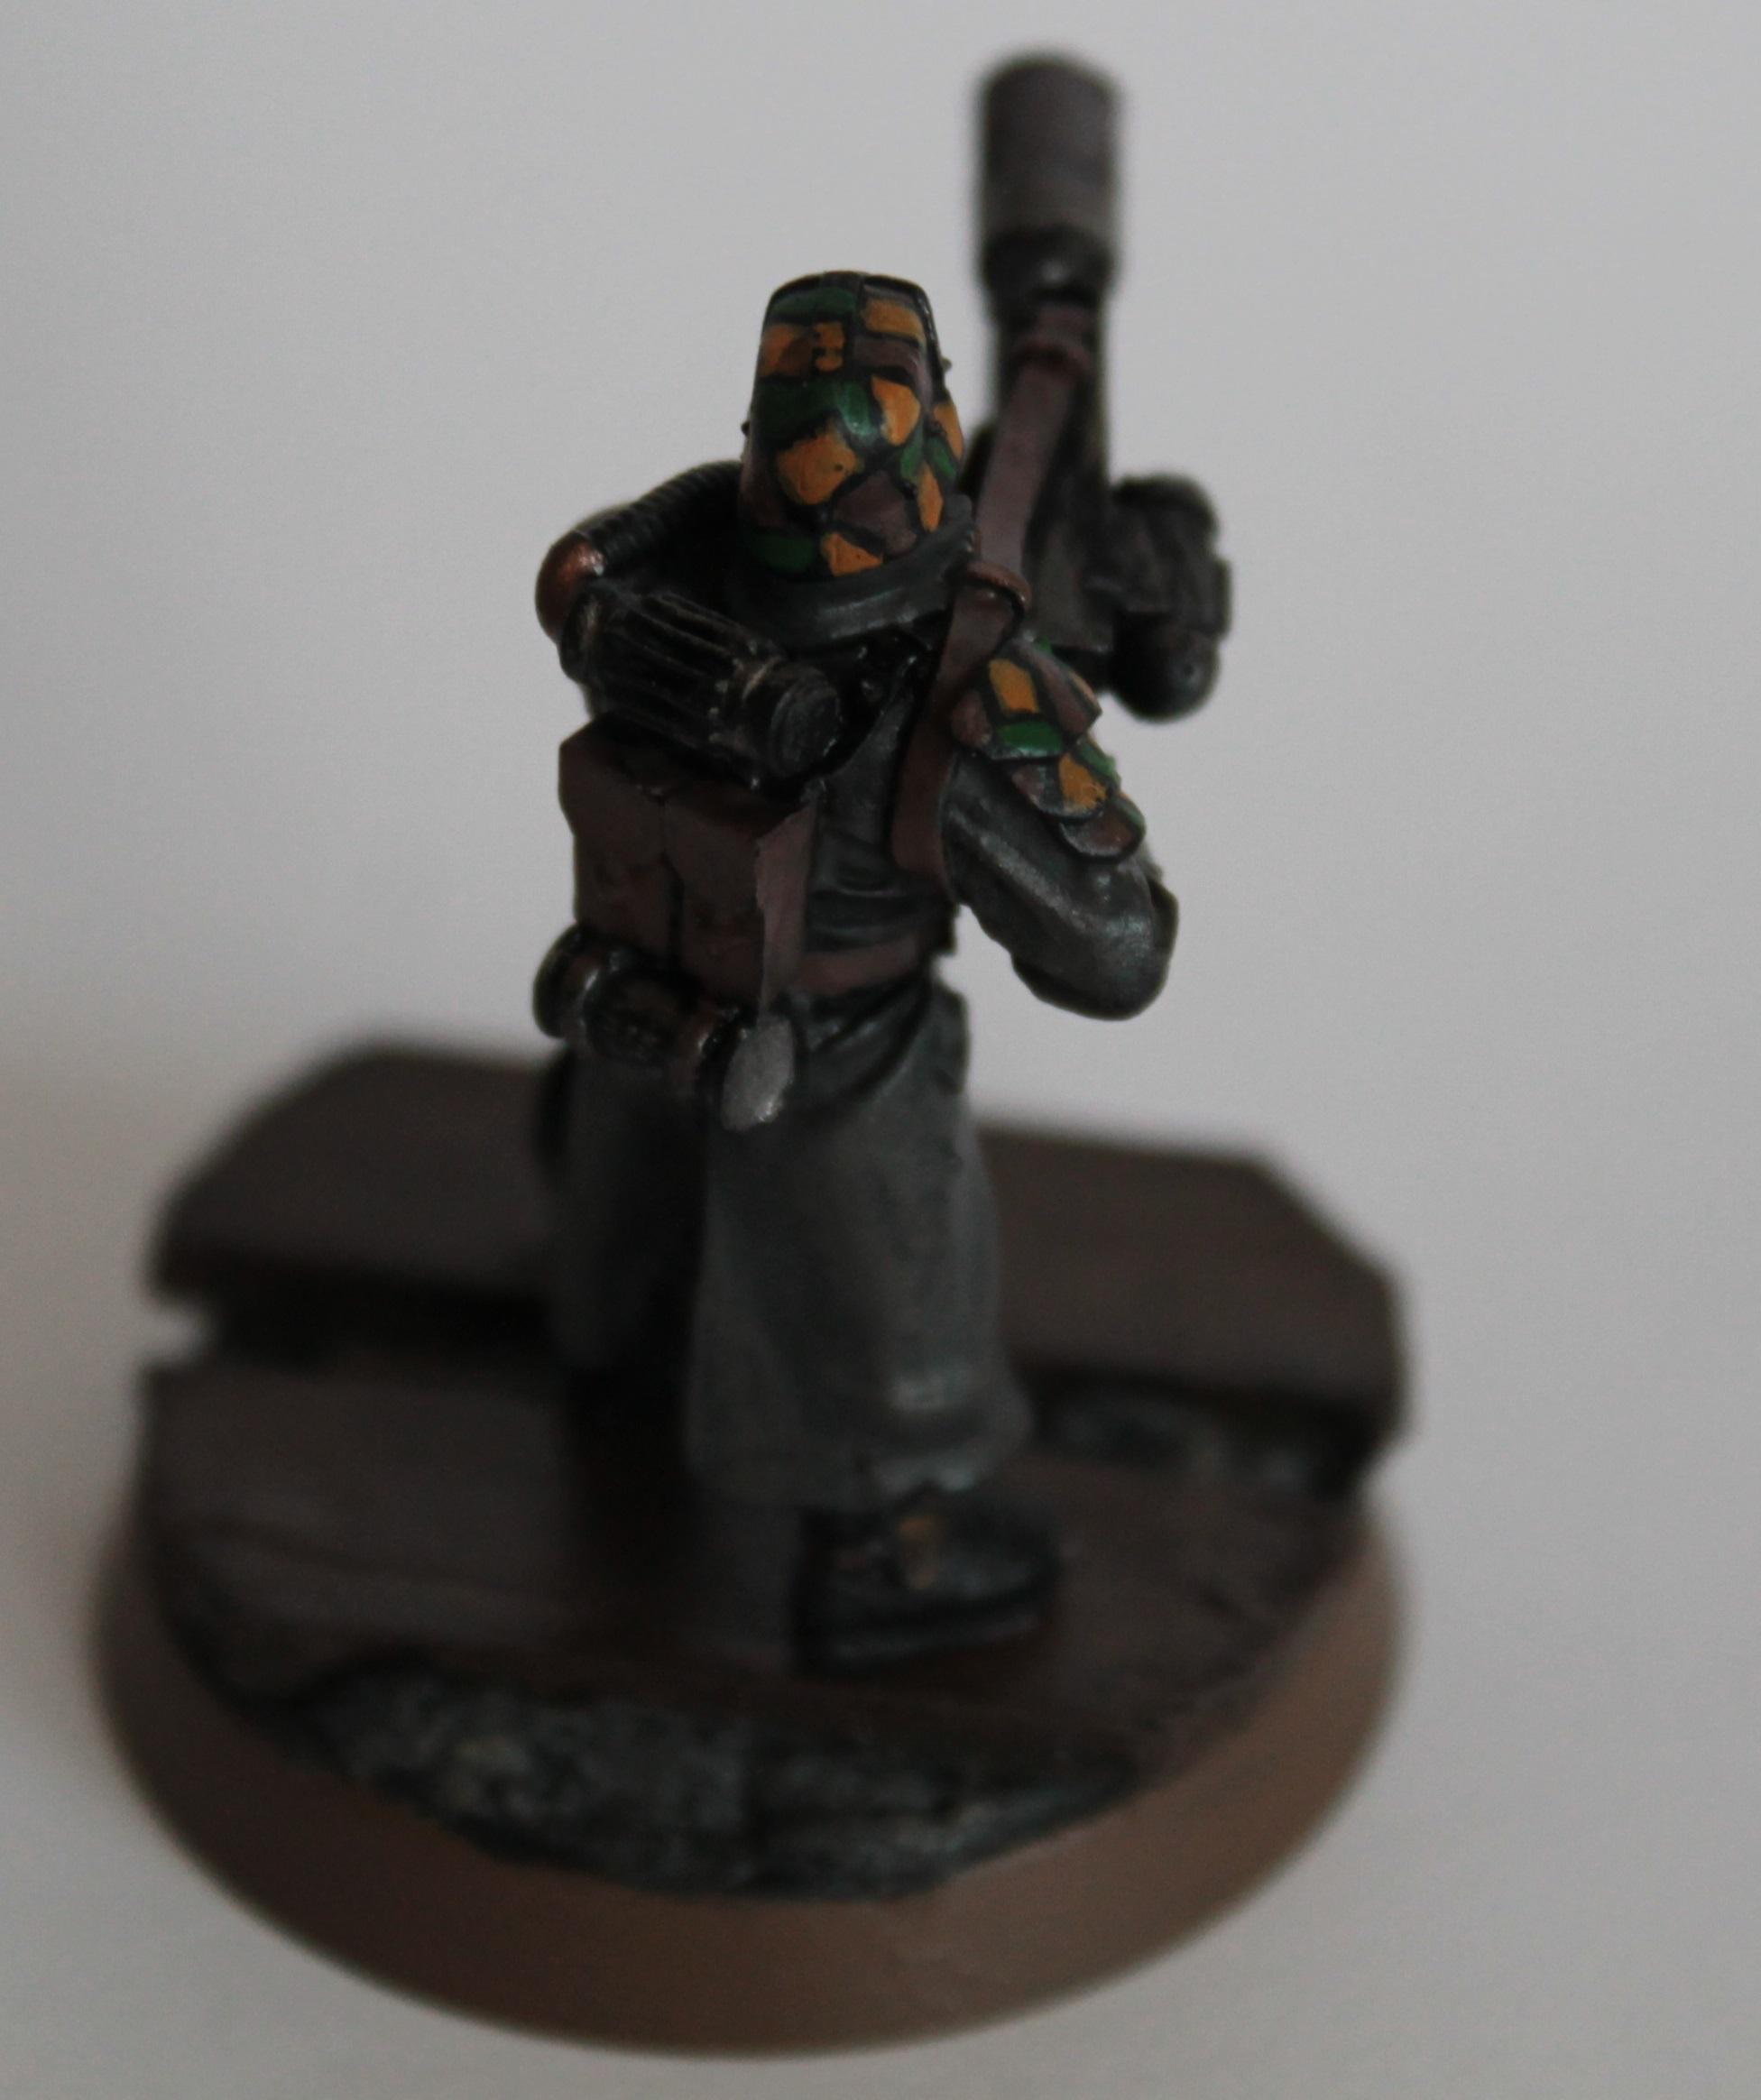 Camouflage, Death Korps of Krieg, Trench, Warhammer 40,000, Ww1